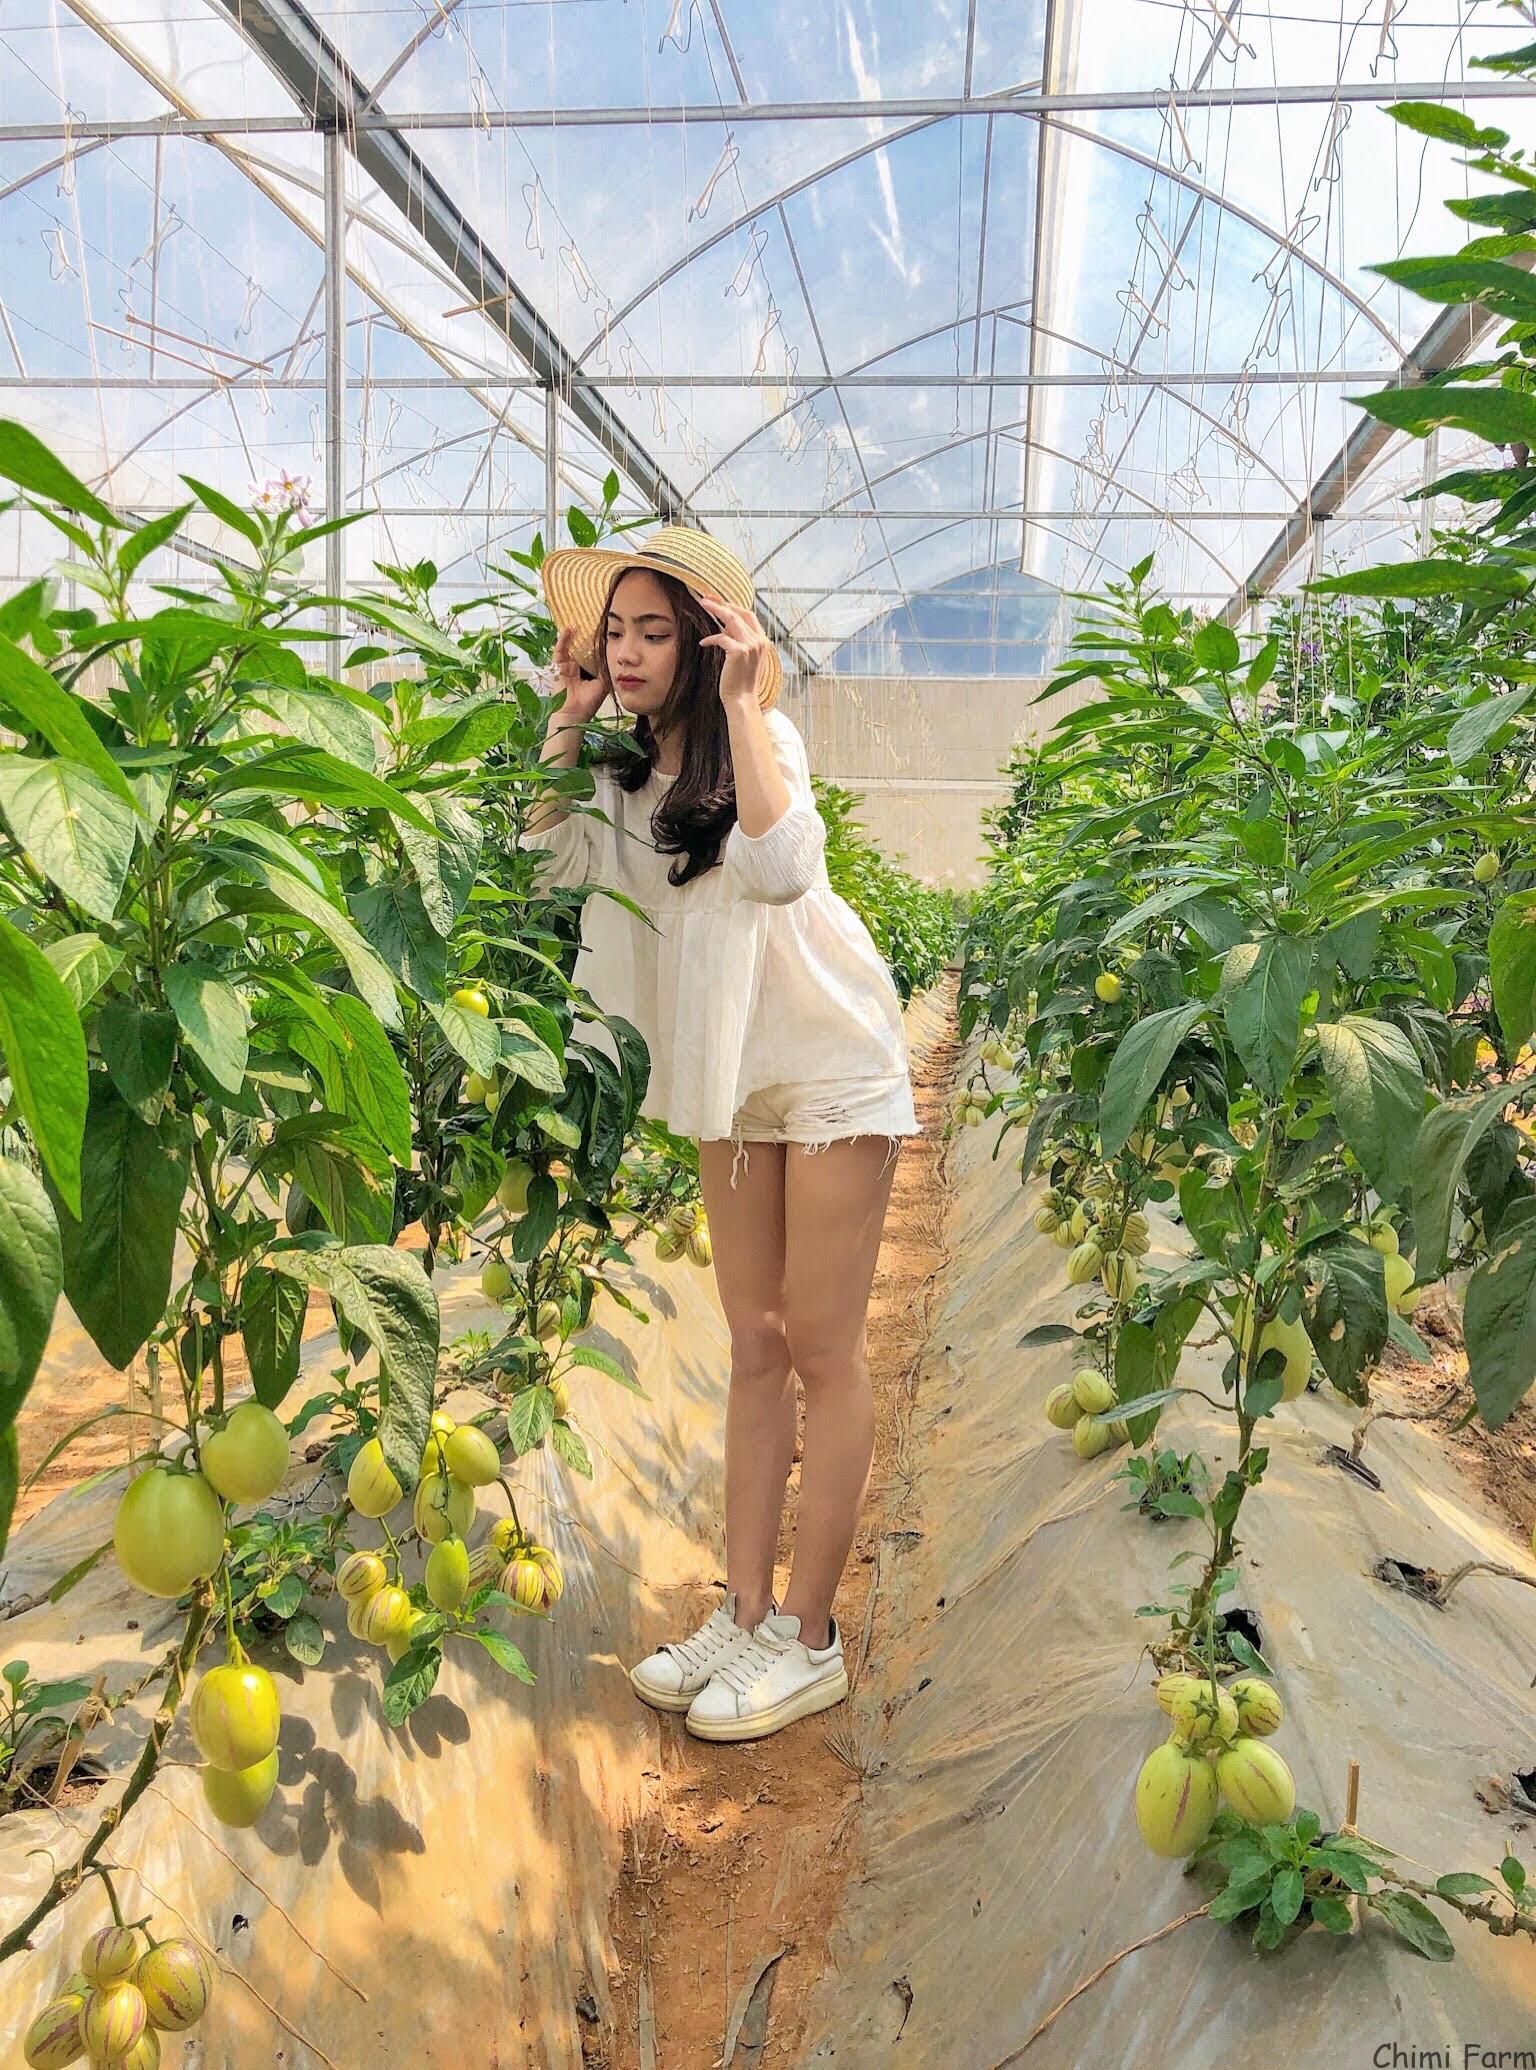 Dưa pepino của Chimi Farm được bắc giàn cao đến gần 2m